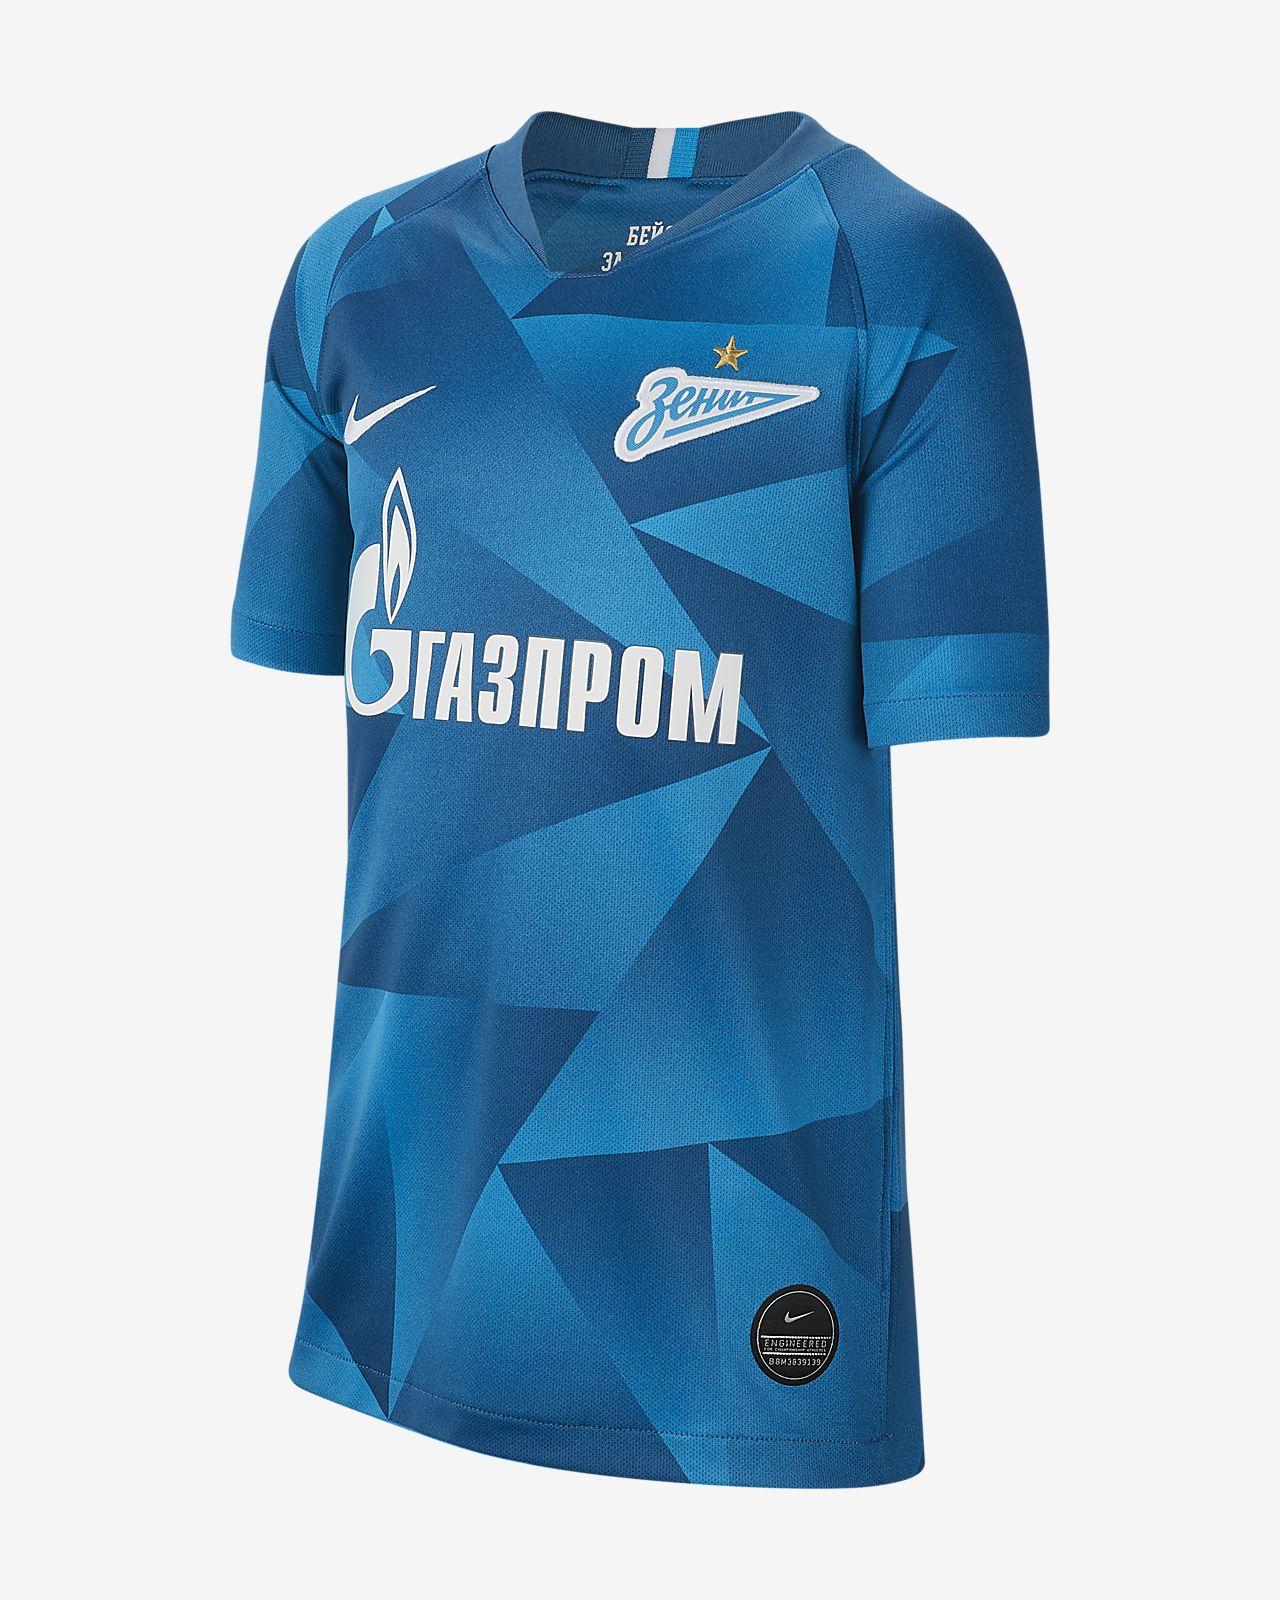 Zenit Saint Petersburg 201920 Stadium Home Older Kids' Football Shirt